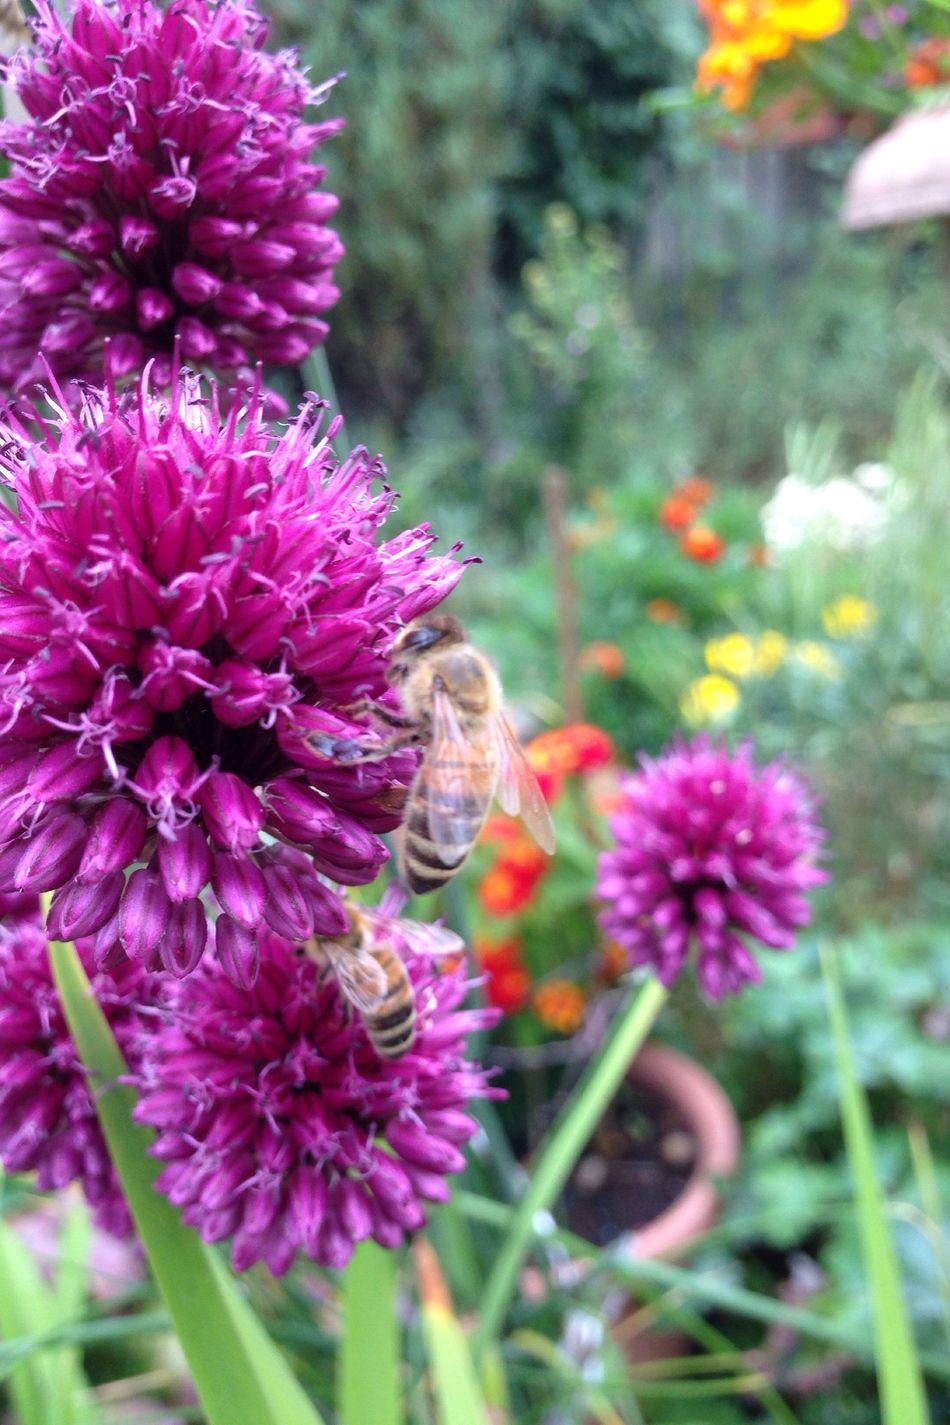 Garten Pflanze Natur Allium Sphaerocephalon Allium Flower Garden Garden Photography Zierlauch Kugellauch Lauch Wildbienen Wildbiene Wildbee Bienen Bei Der Arbeit Biene Bee Bienen  Bees Bees And Flowers